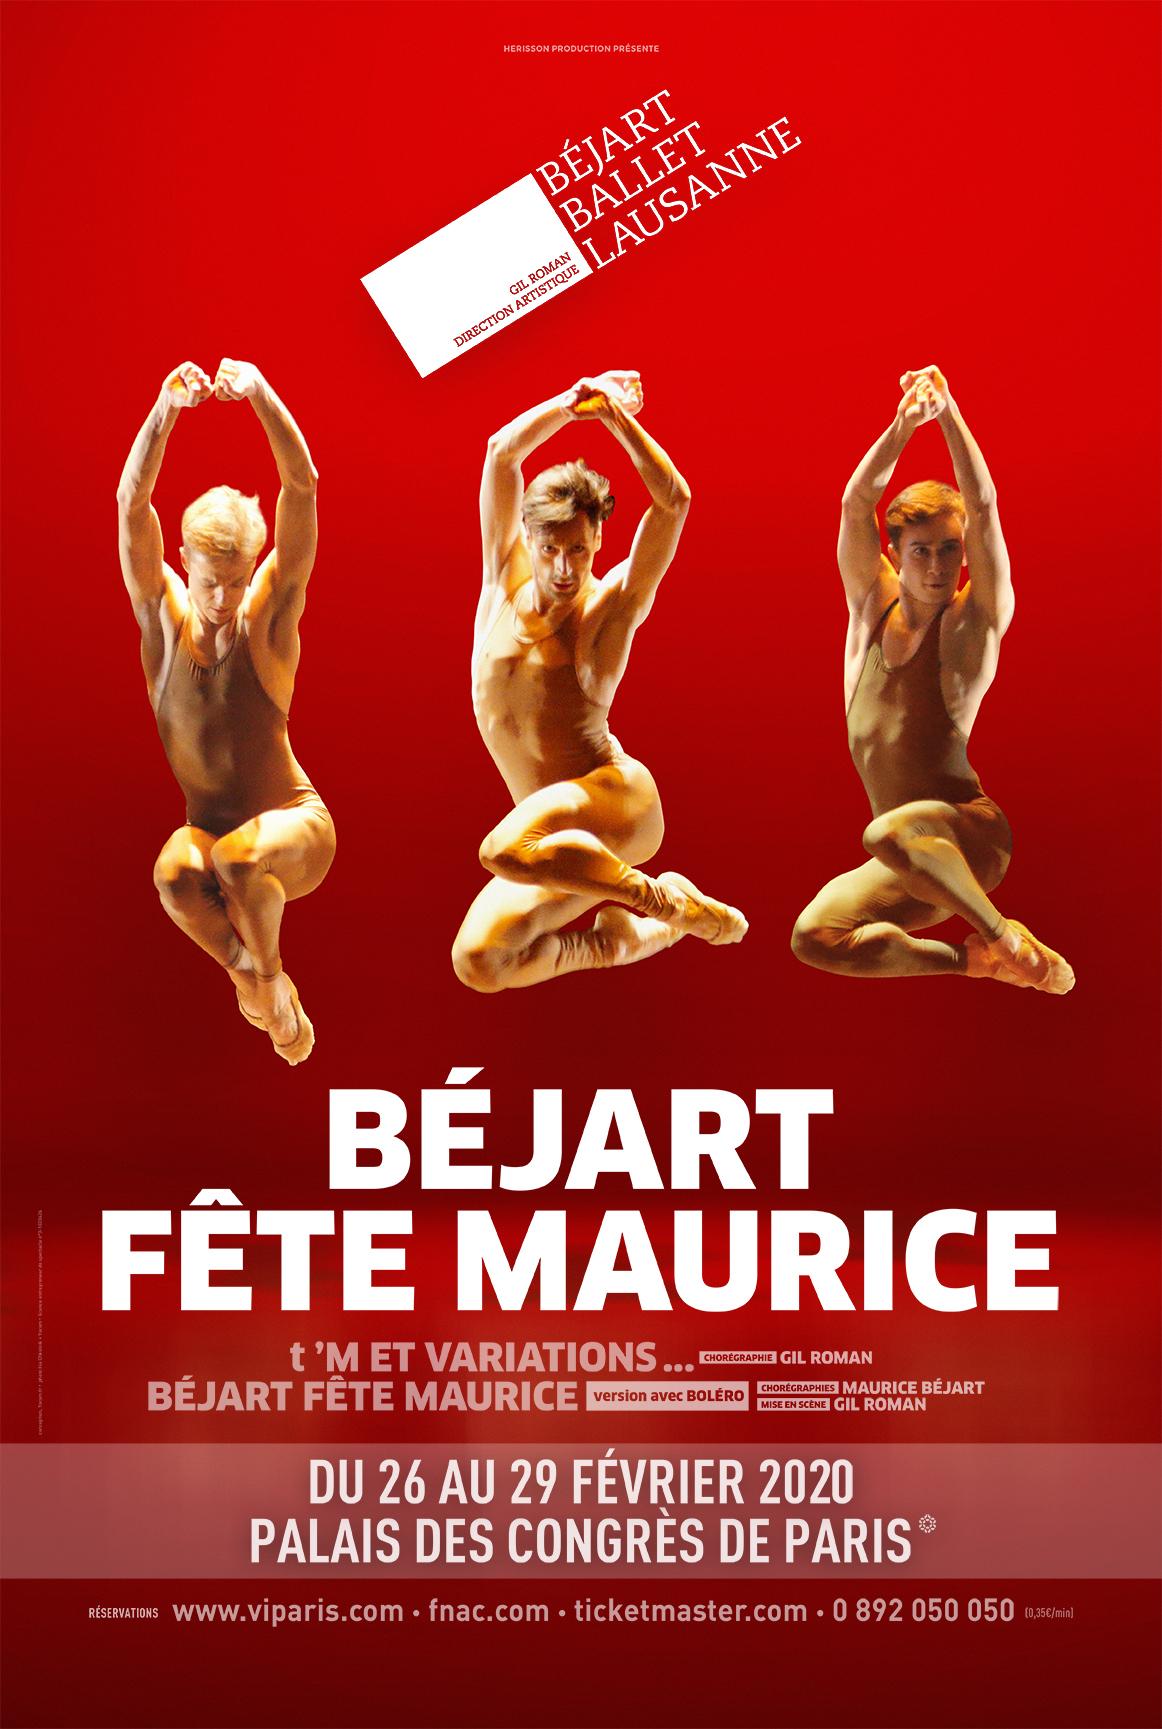 Bejart Fete Maurice